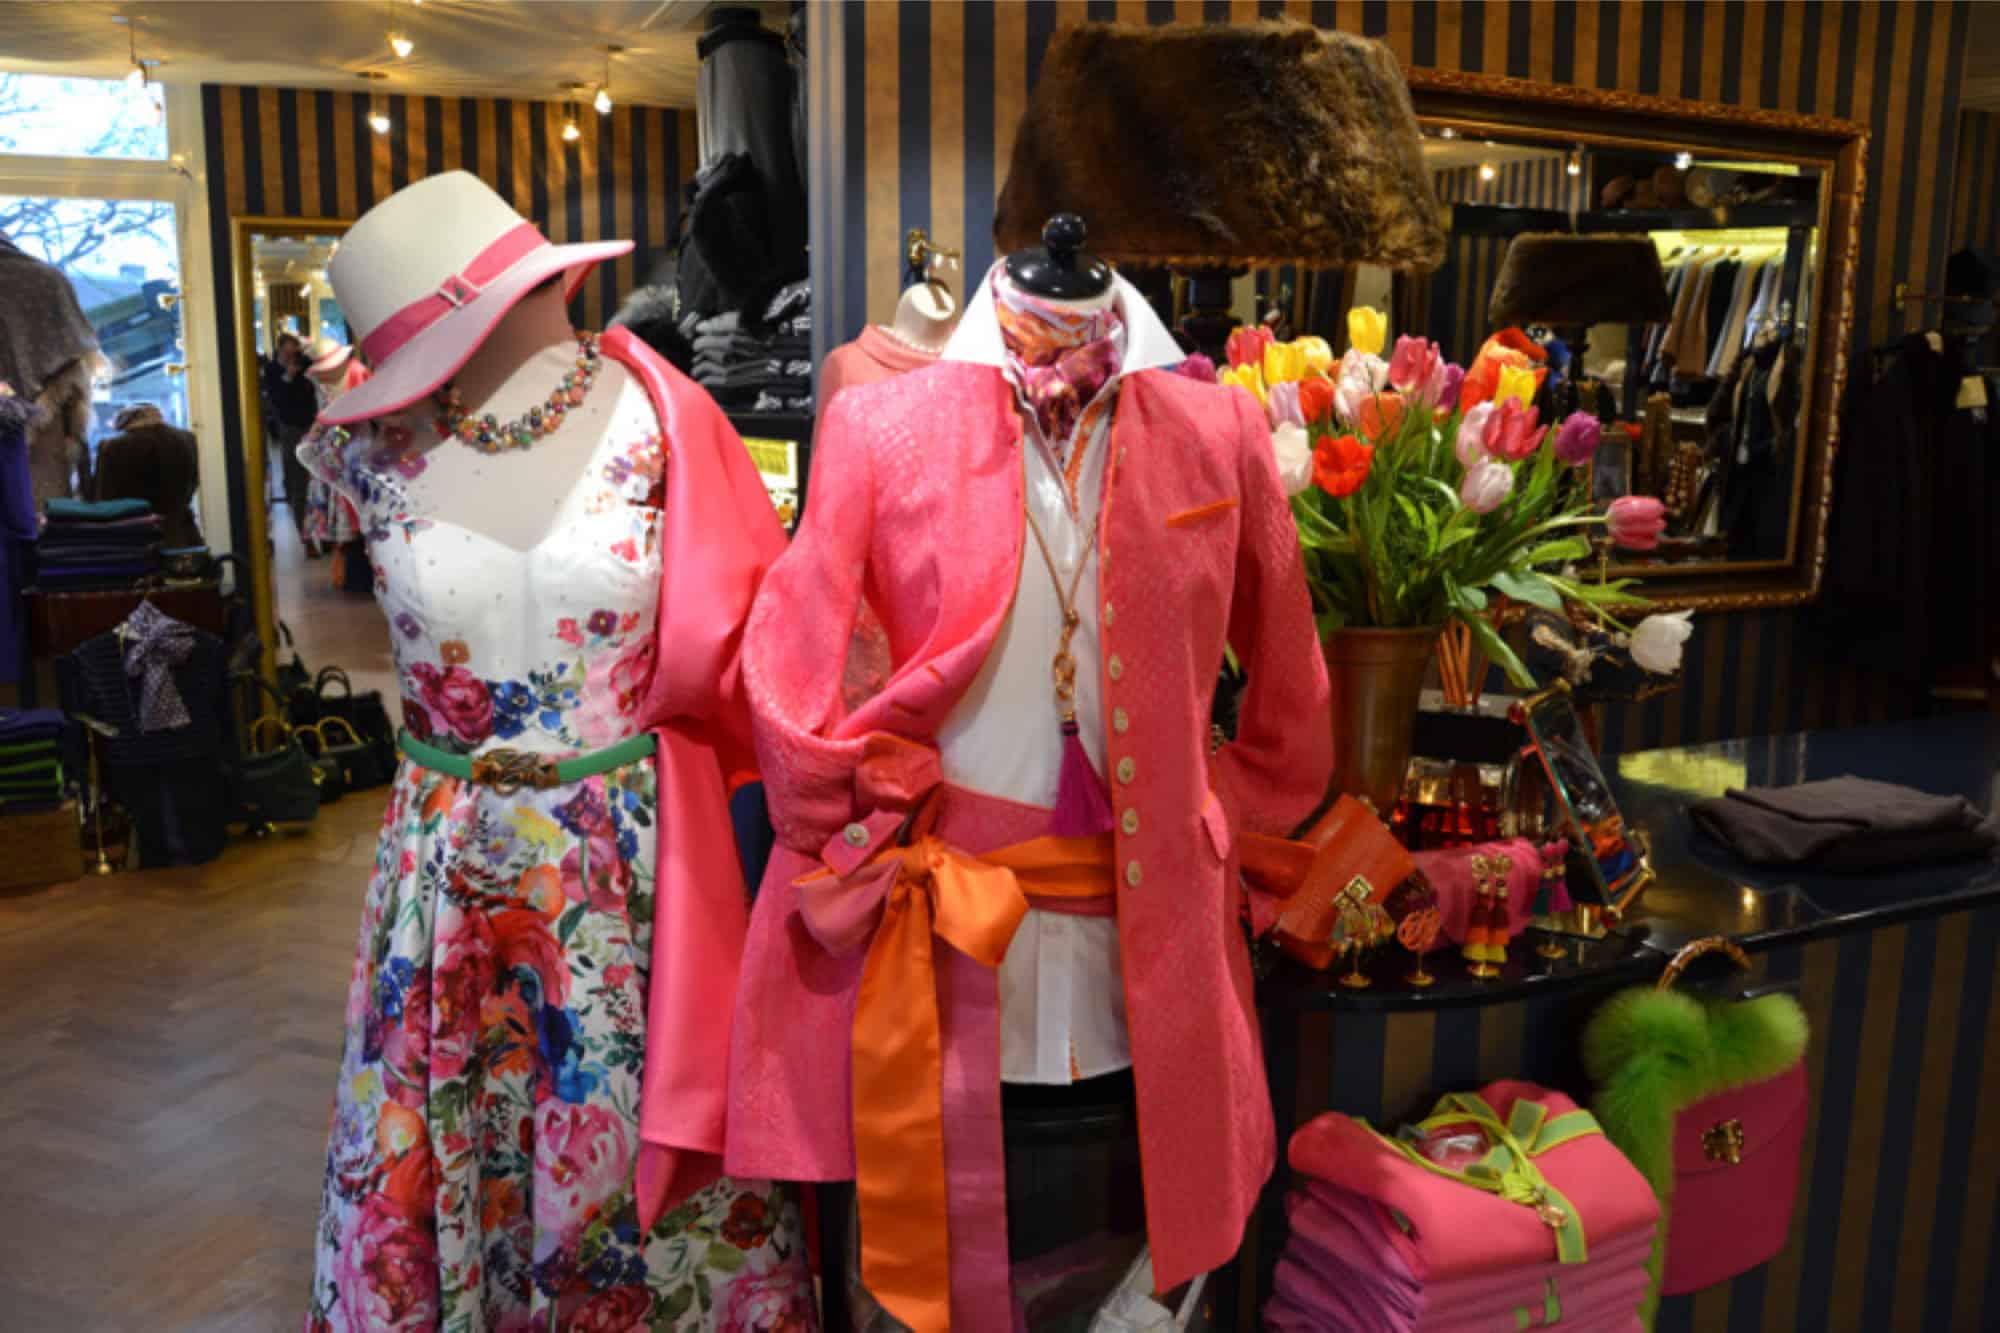 shawls, mode voor bruidsmoeders, hoeden, bruidsmoeder mode, bureau accessoires, Sieraden, gelegenheidskleding, Dameskleding Laren, exclusieve merken, galajurken, wolford, feestkleding, bont, schoenen, grote maten mode